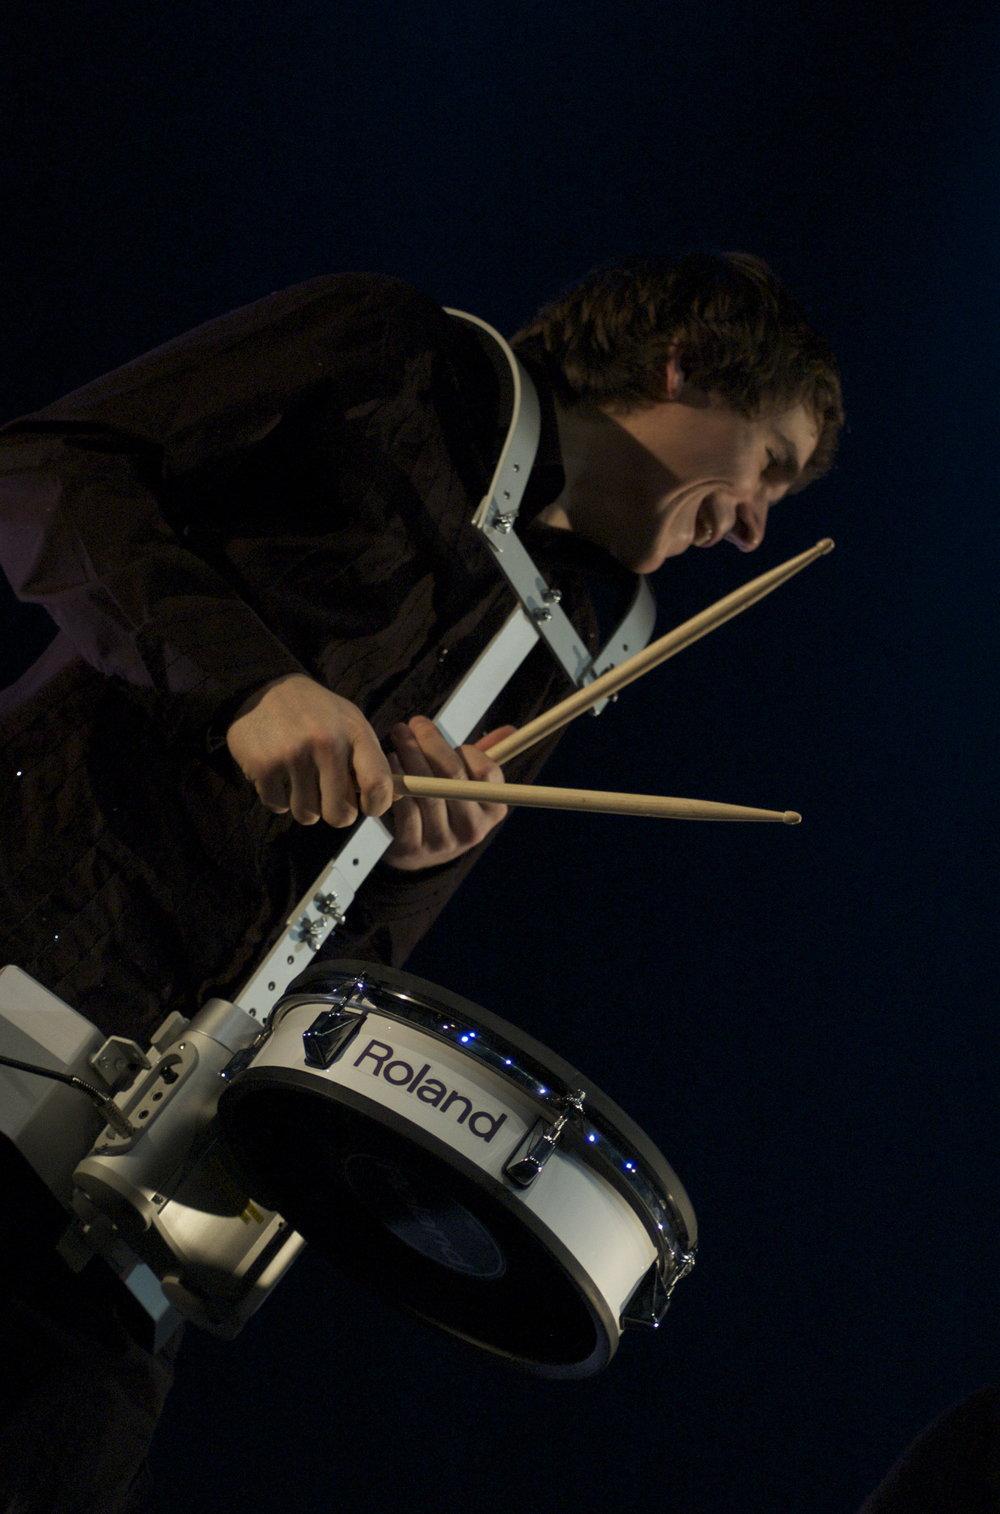 roland-v-drums-photo-shoot_5042200927_o.jpg